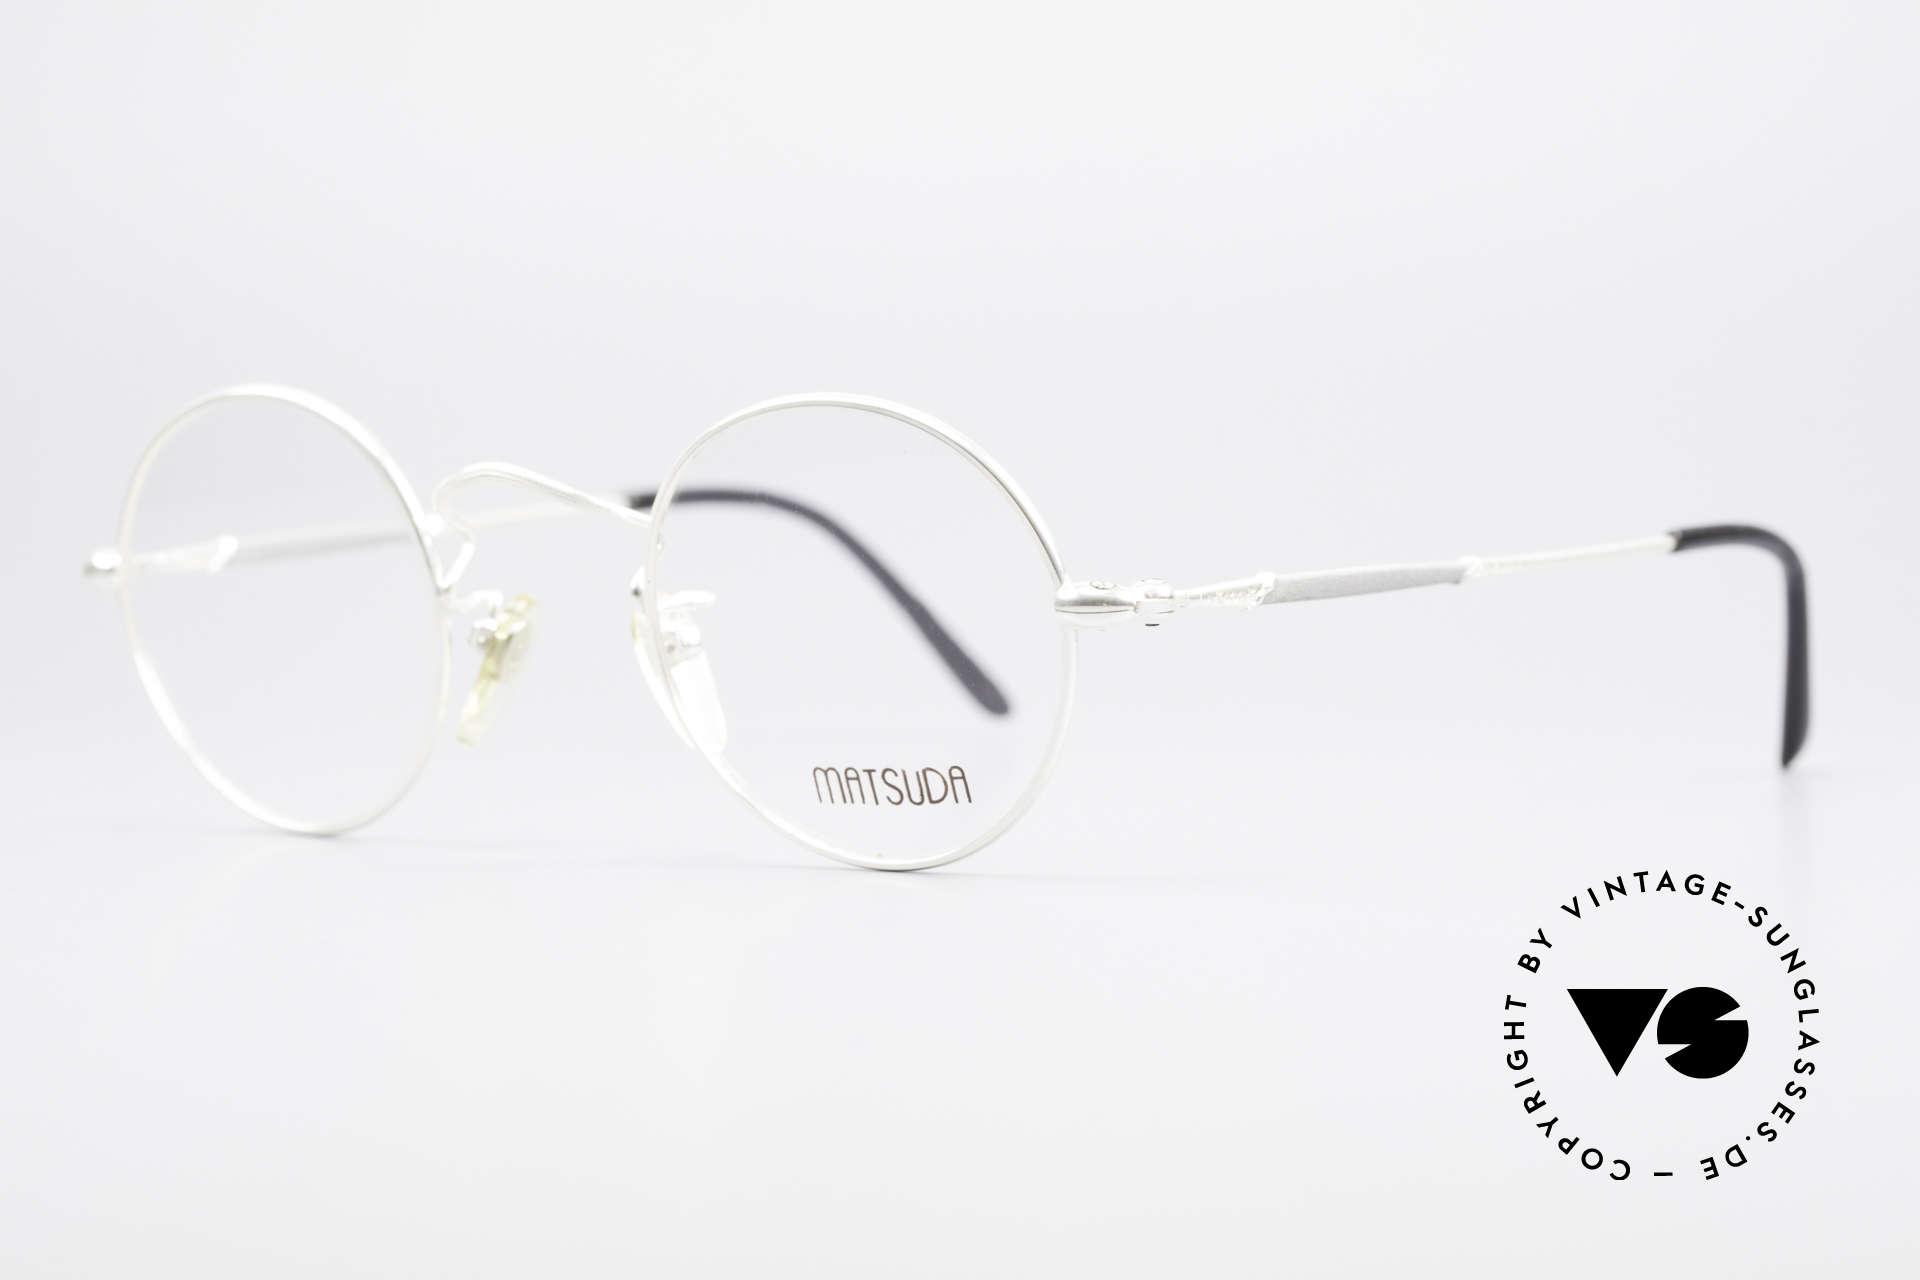 Matsuda 2872 90er Designer Brille Rund, verkörpert Lifestyle & Qualitätsanspruch gleichermaßen, Passend für Herren und Damen